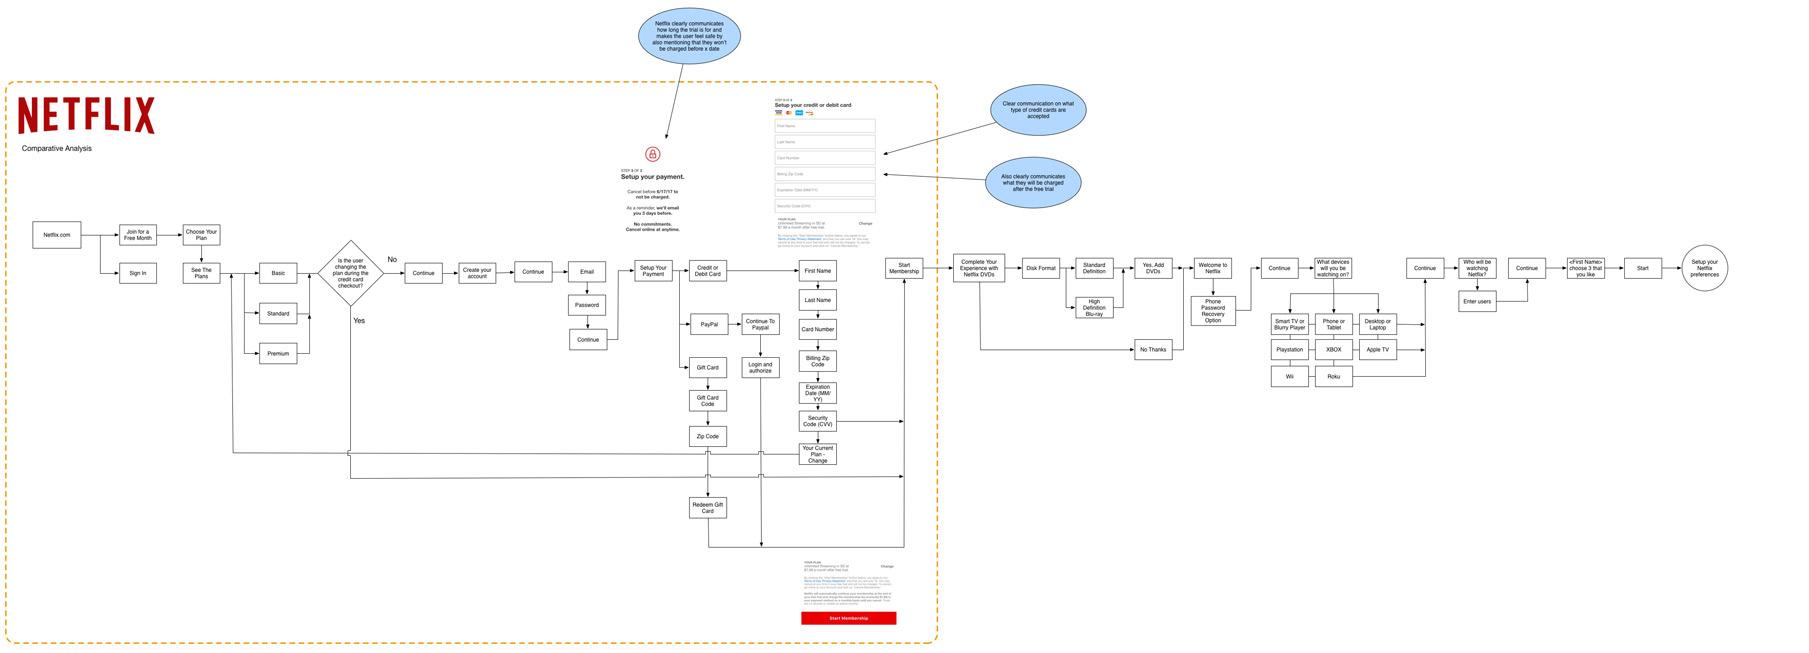 netflix user flow